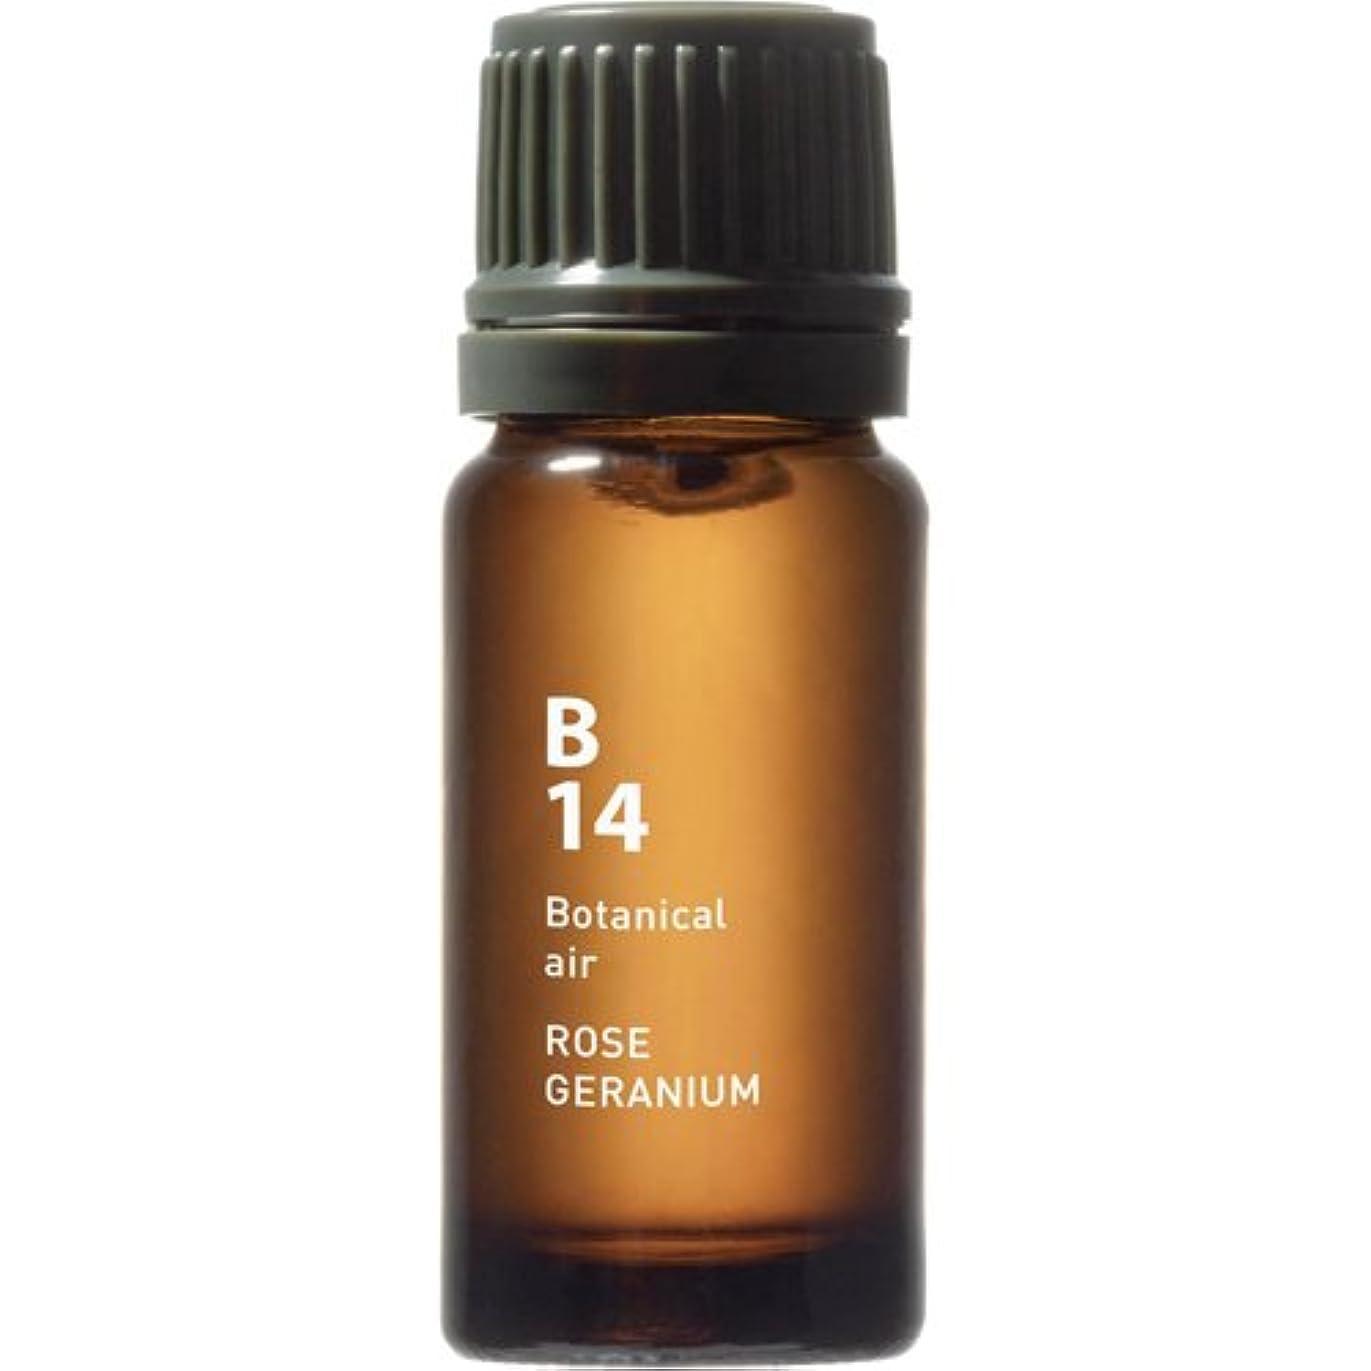 配送ディスク時折B14 ローズゼラニウム Botanical air(ボタニカルエアー) 10ml